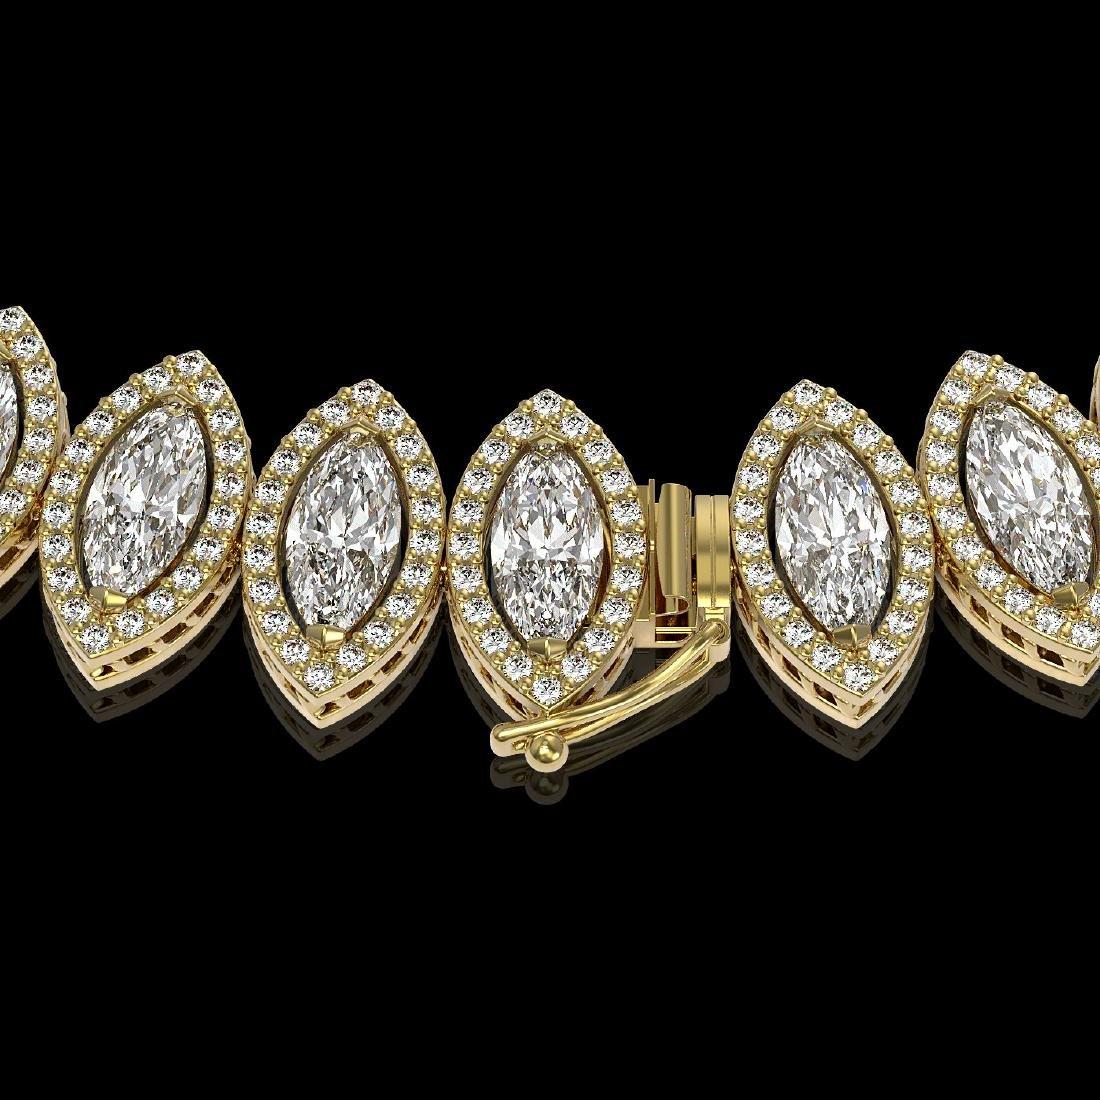 39.68 CTW Marquise Diamond Designer Necklace 18K Yellow - 3